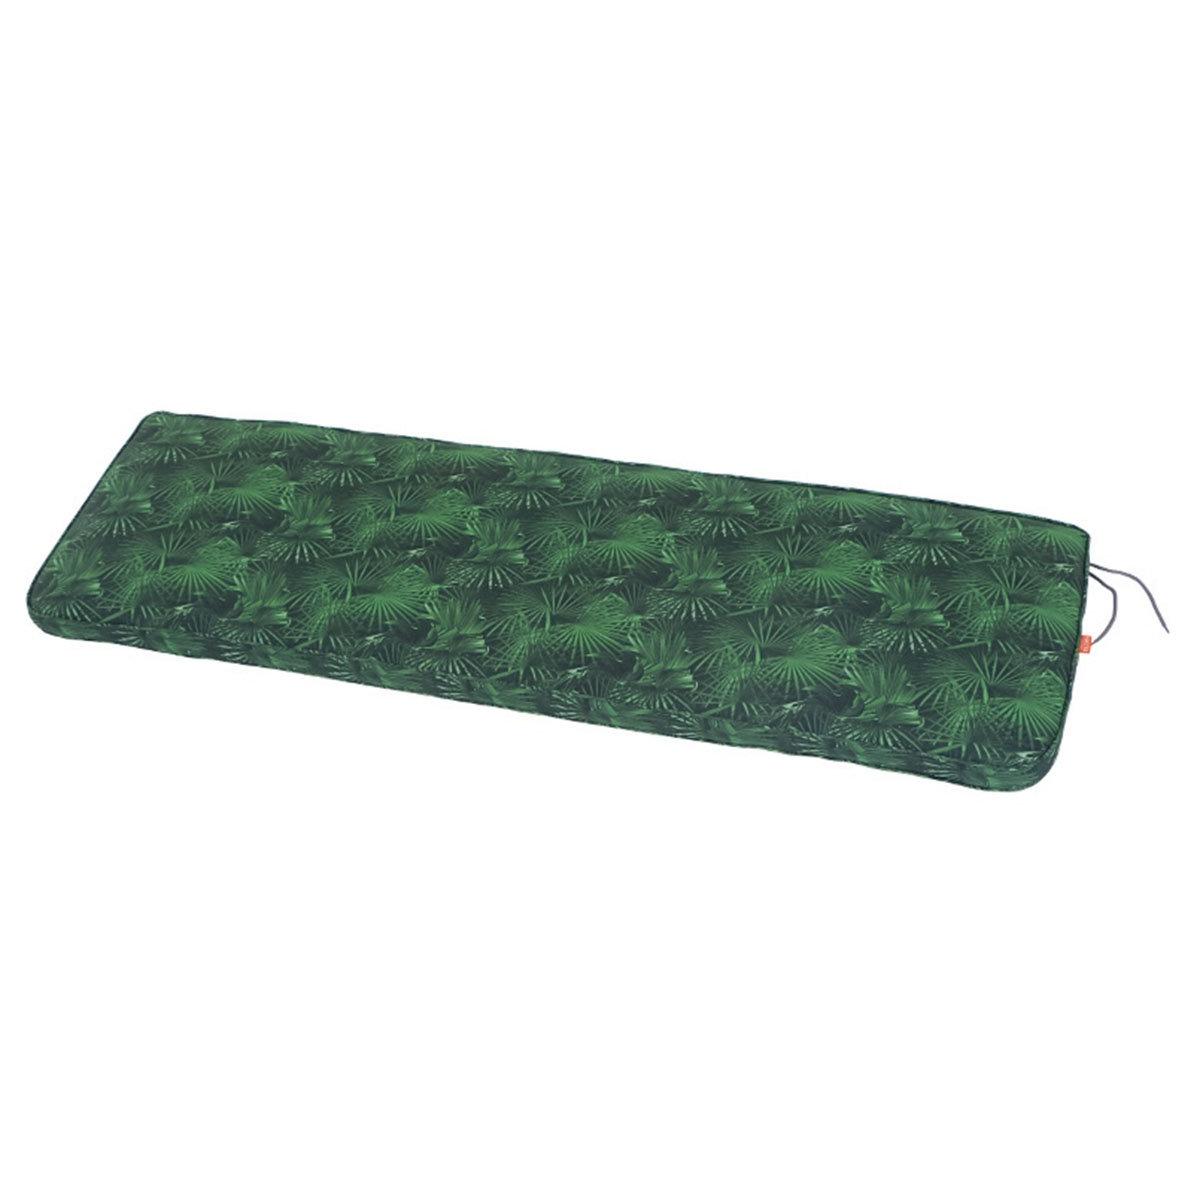 Auflage Tarent Gartenbänke, 140 cm, grüne Palme